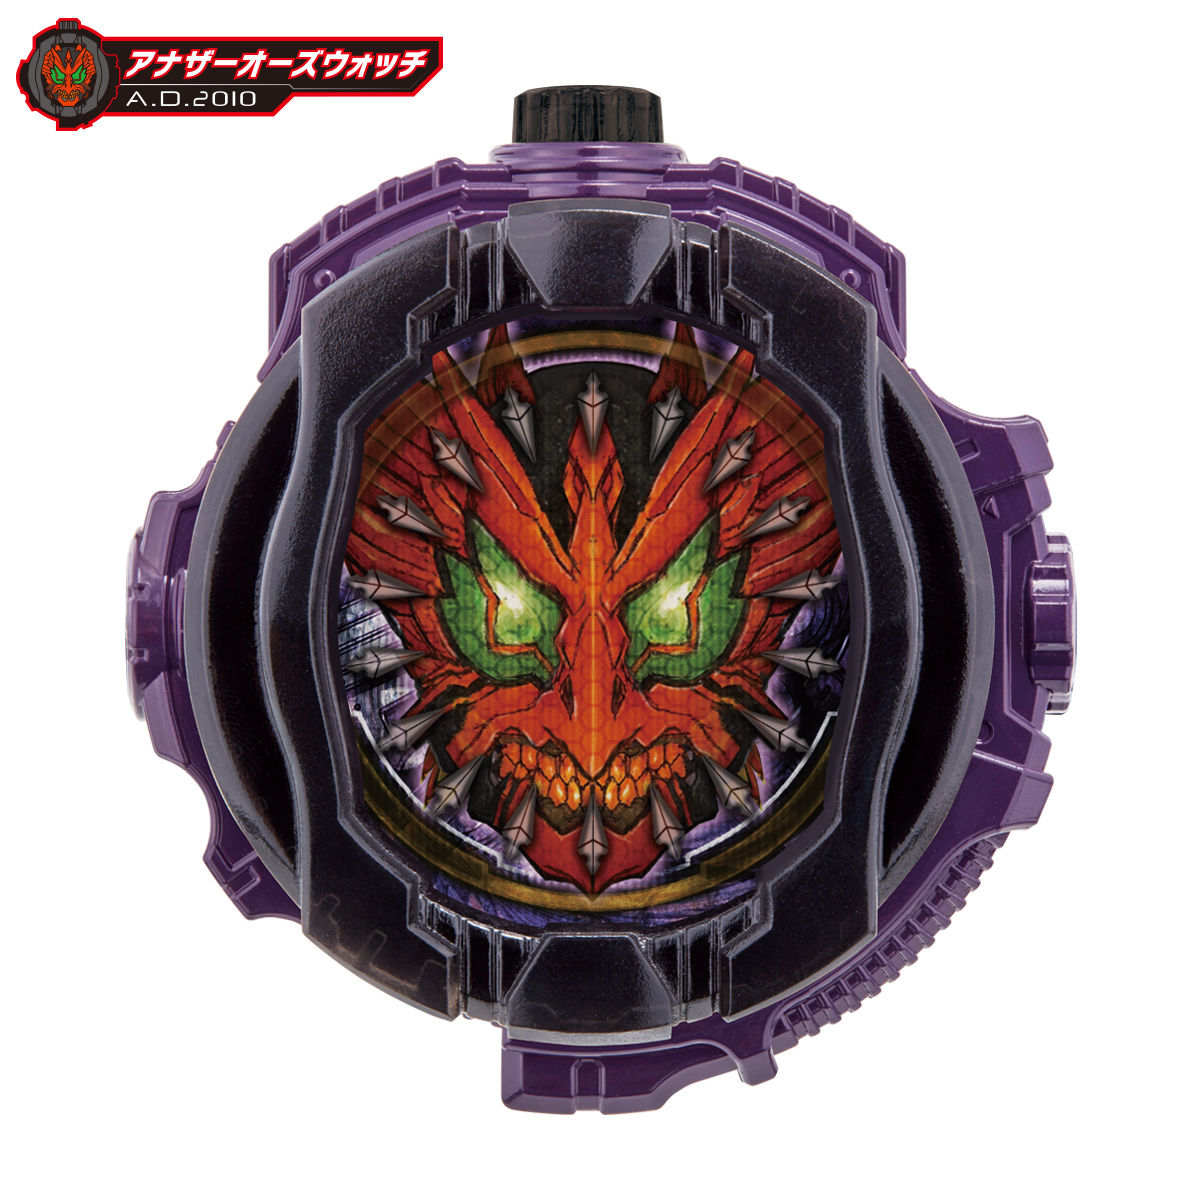 仮面ライダージオウ『DXアナザーウォッチセットVOL.2』変身なりきり-004